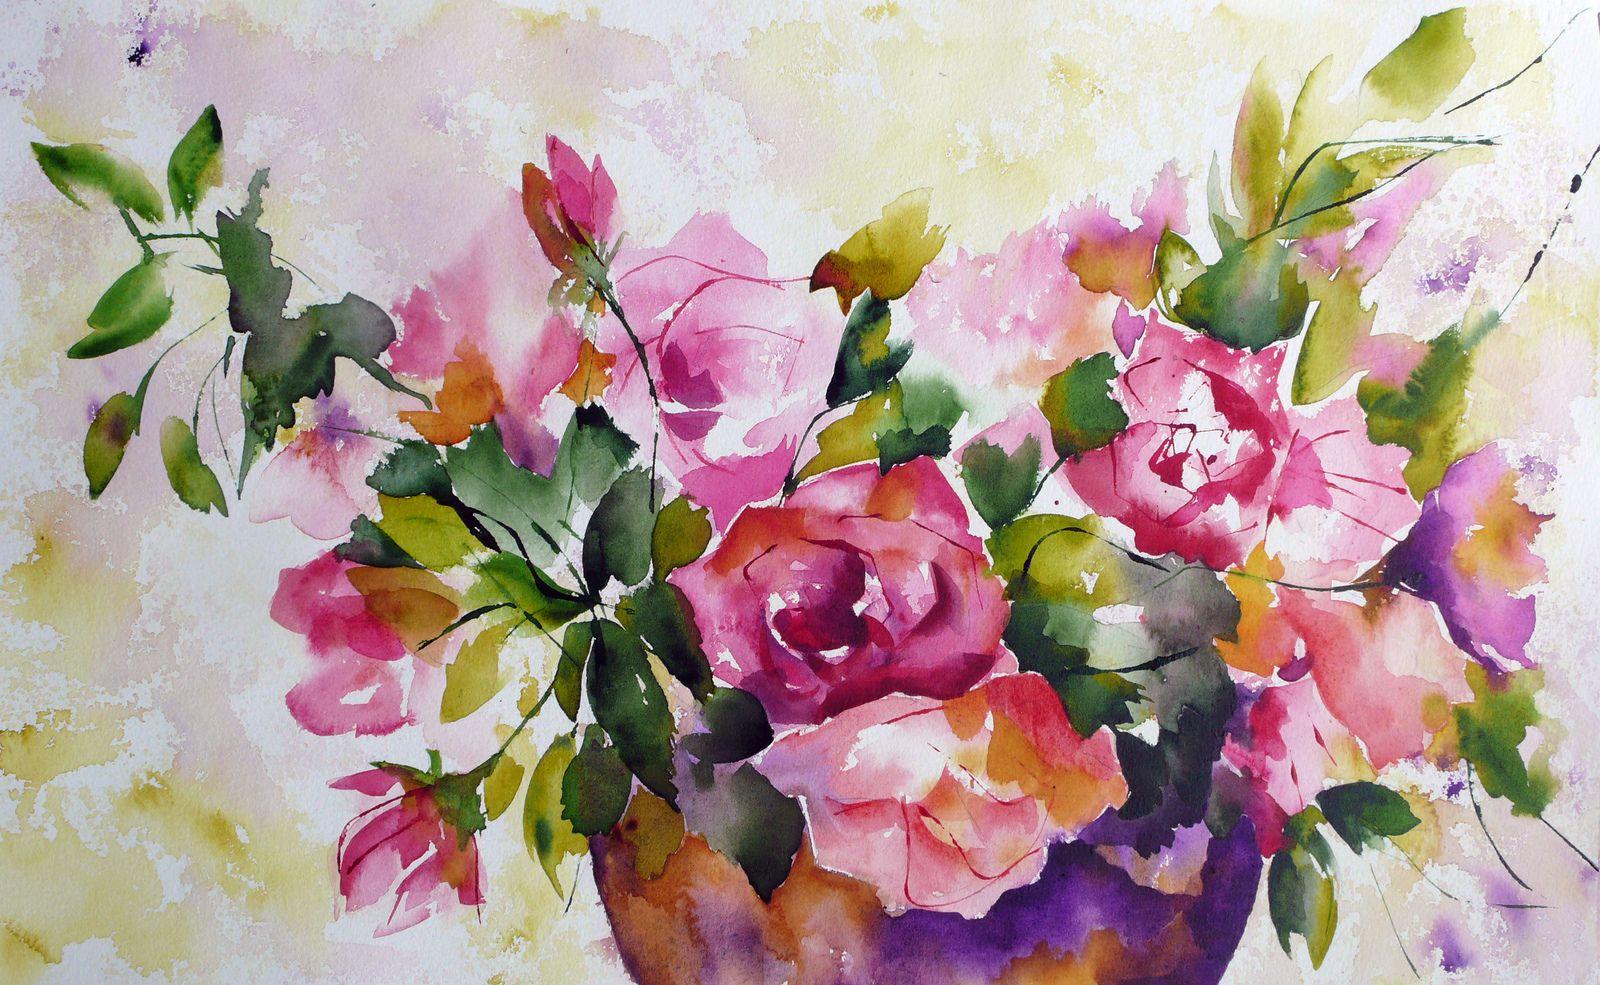 Bouquet Pour Yan Peinture Fleurs Papier Peint A Fleurs Et Art